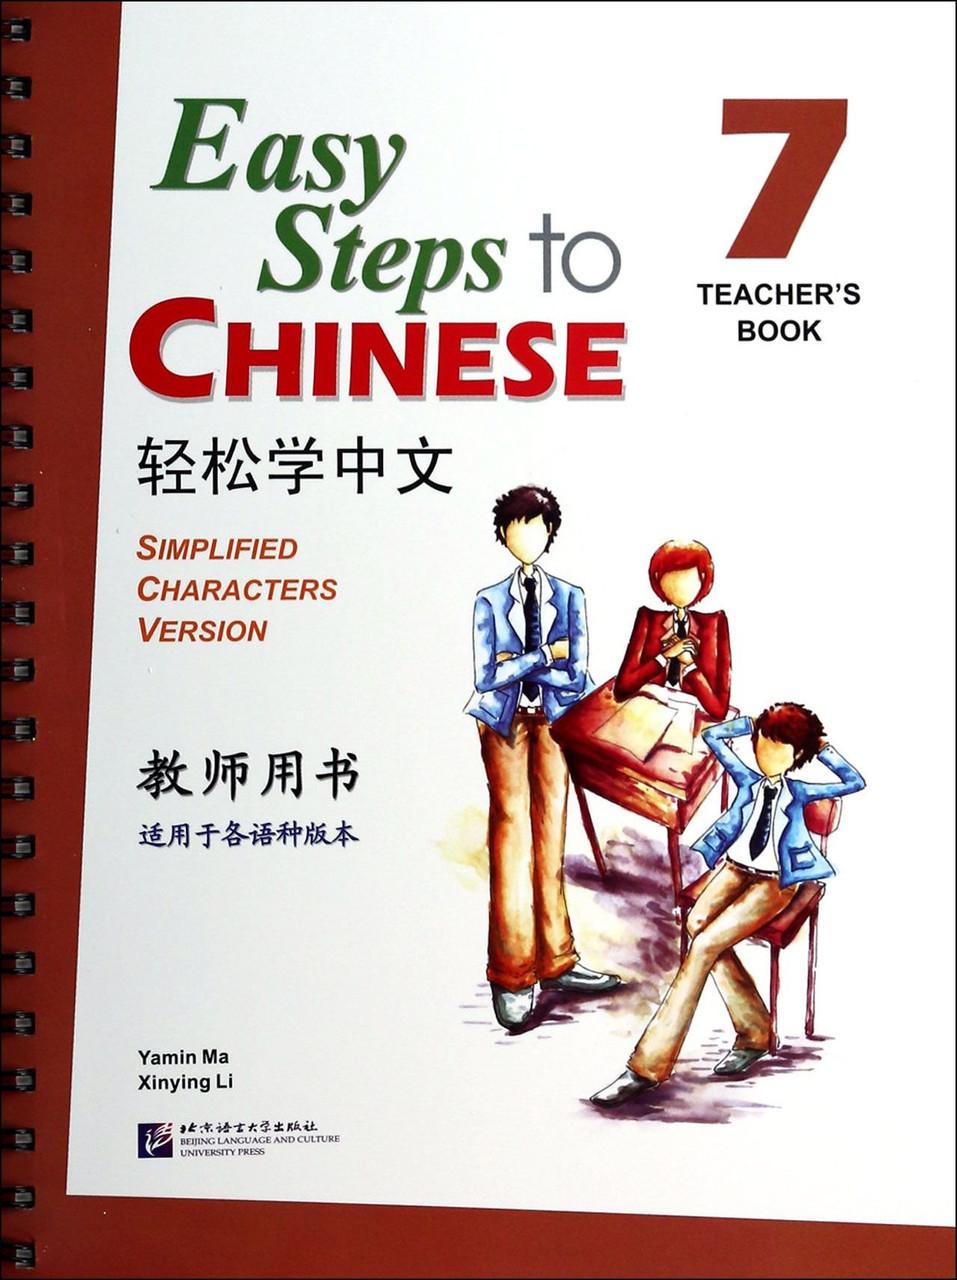 Easy Steps to Chinese. Том 7. Пособие для преподавателей (на английском языке)